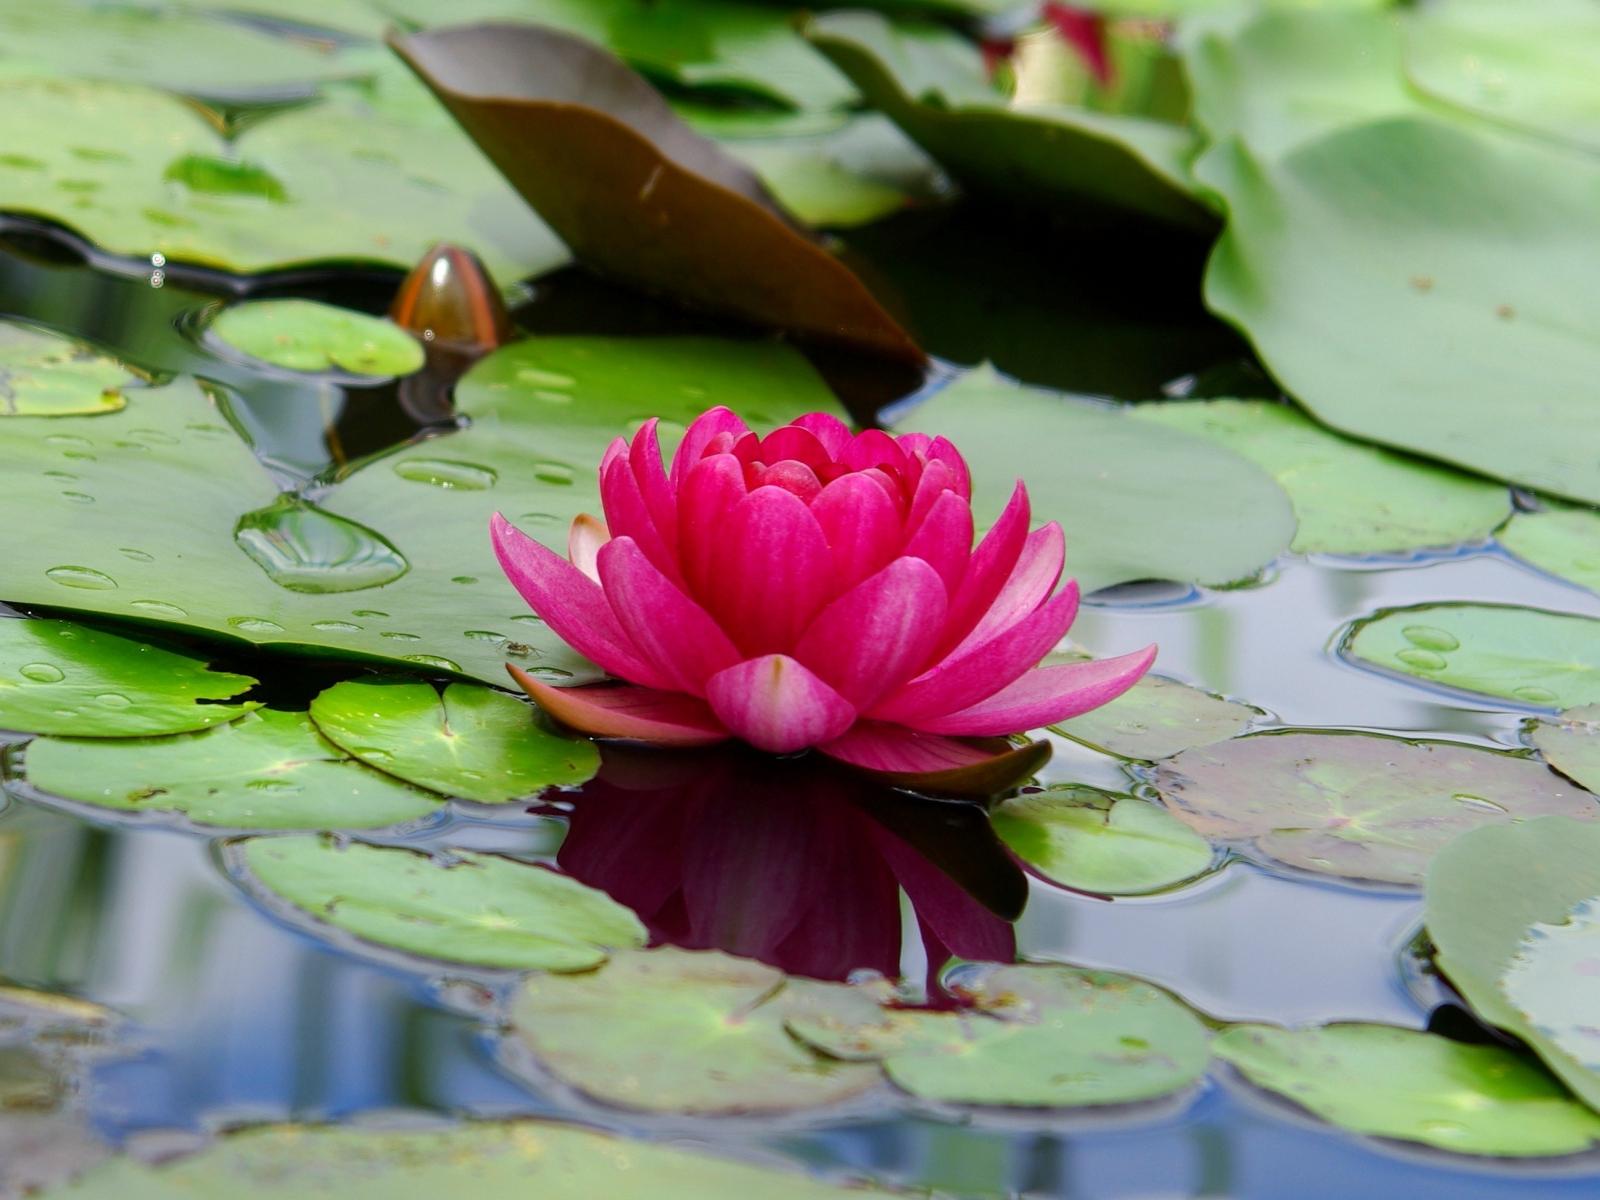 Download 1600x1200 Wallpaper Lotus Flower Pink Leaf Lake